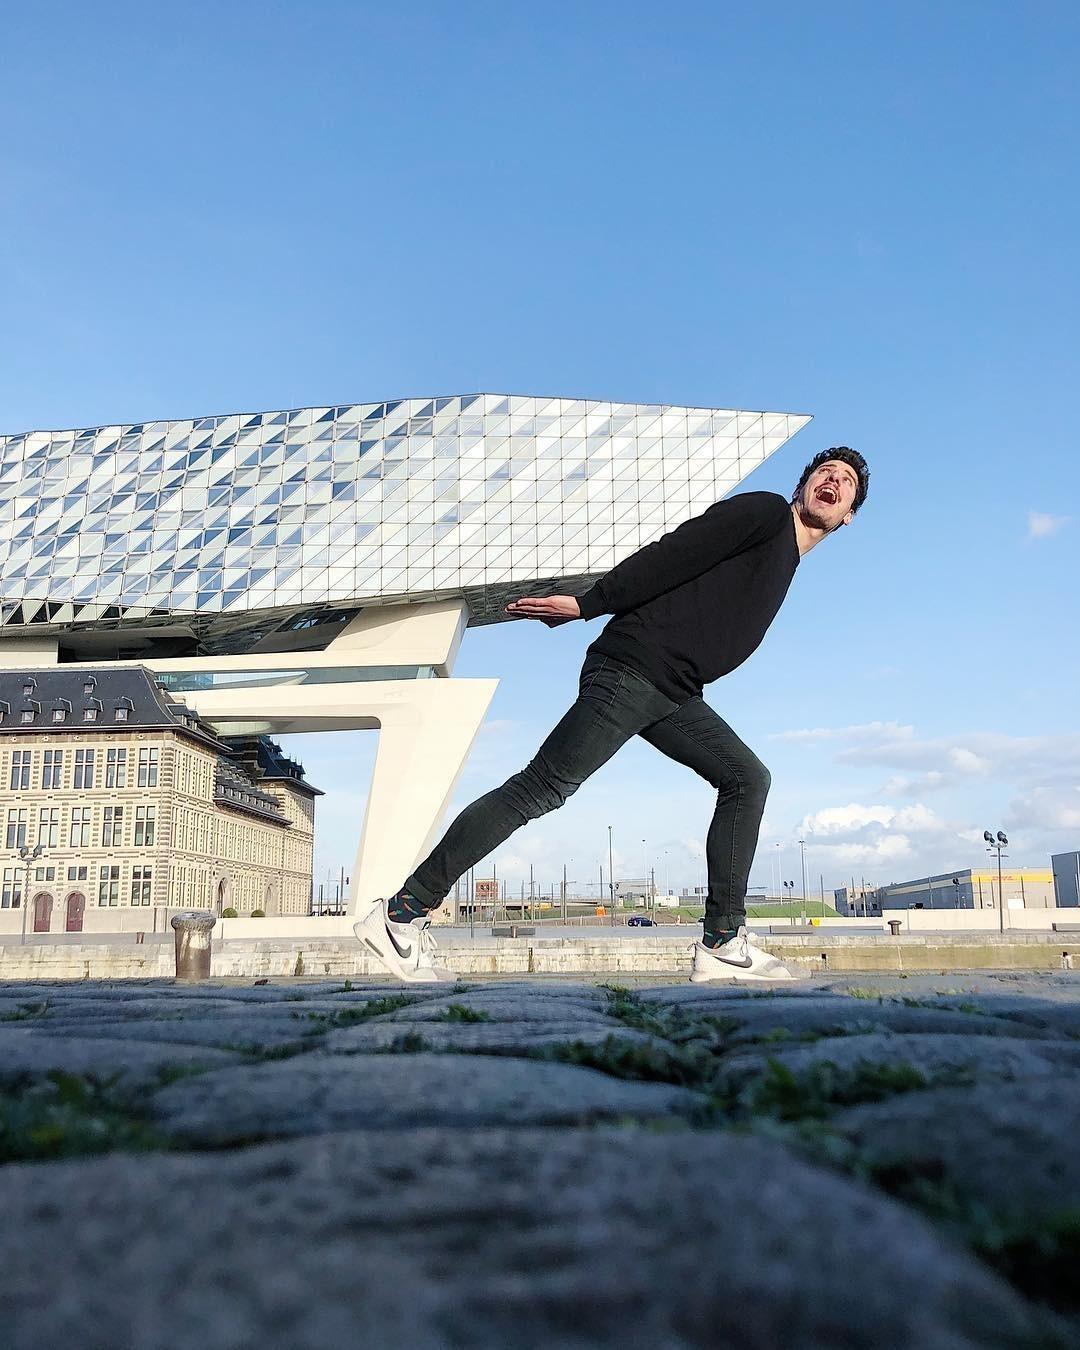 «Обеликс несёт свою скалу». Порт Антверпена. Автор Тиаго Силва